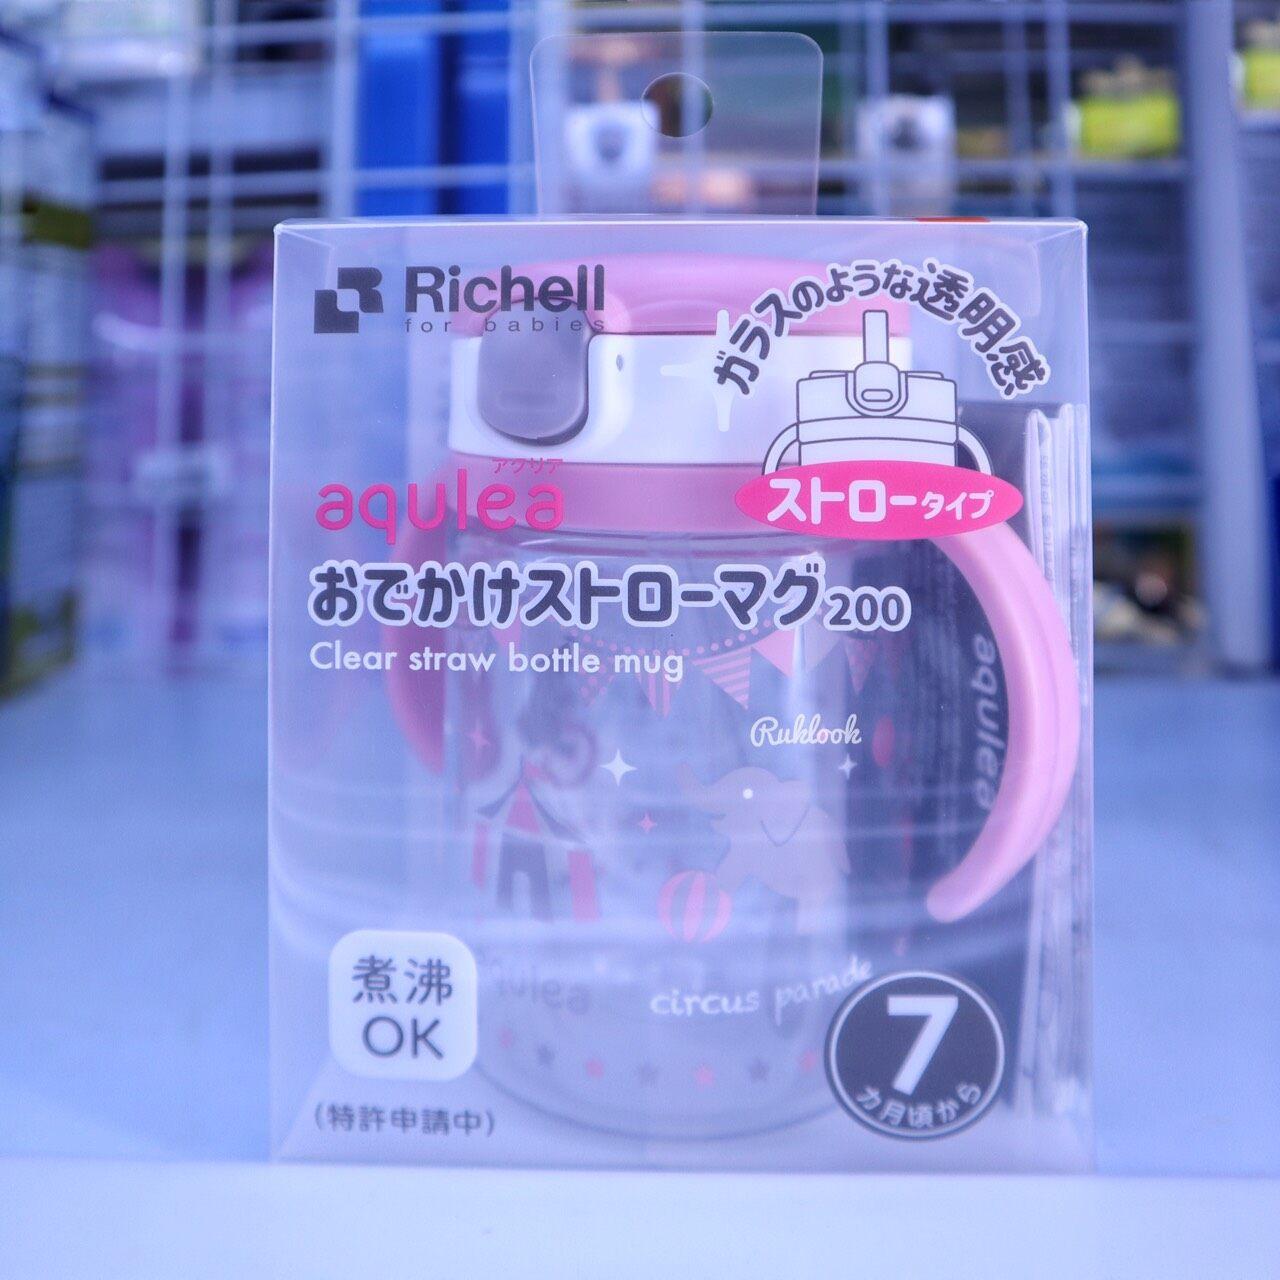 โปรโมชั่น Richell ขวดหัดดื่ม พร้อมแขนจับ Aqulea Clear straw bottle mug 200 ml. 22014 (P)